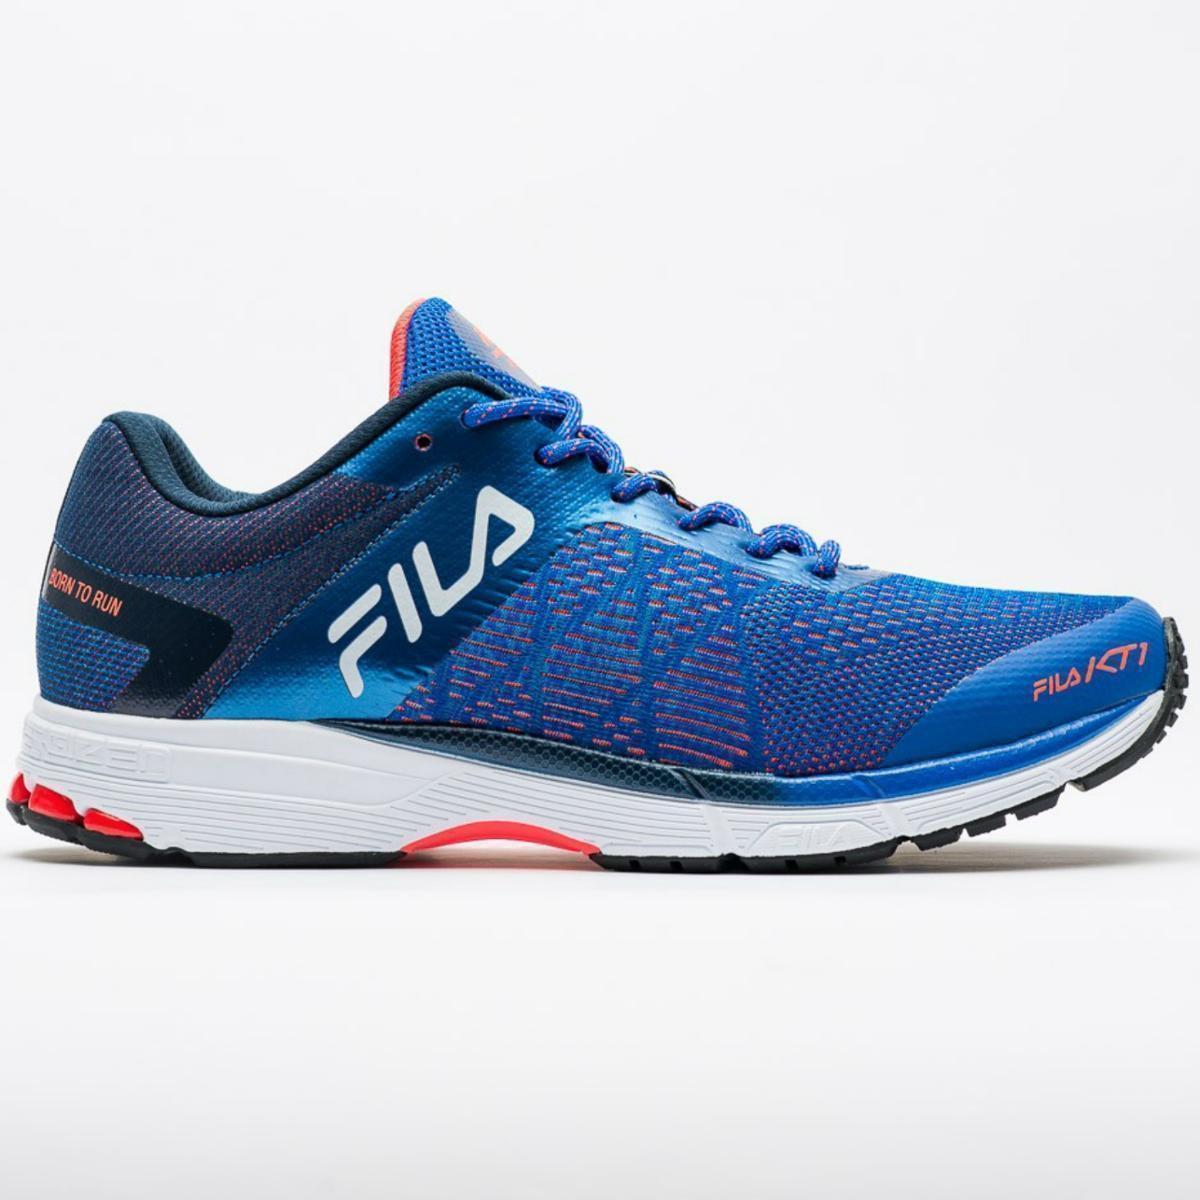 4448b999a02 Tênis Fila Kt1 Masculino - Azul e Marinho - Compre Agora